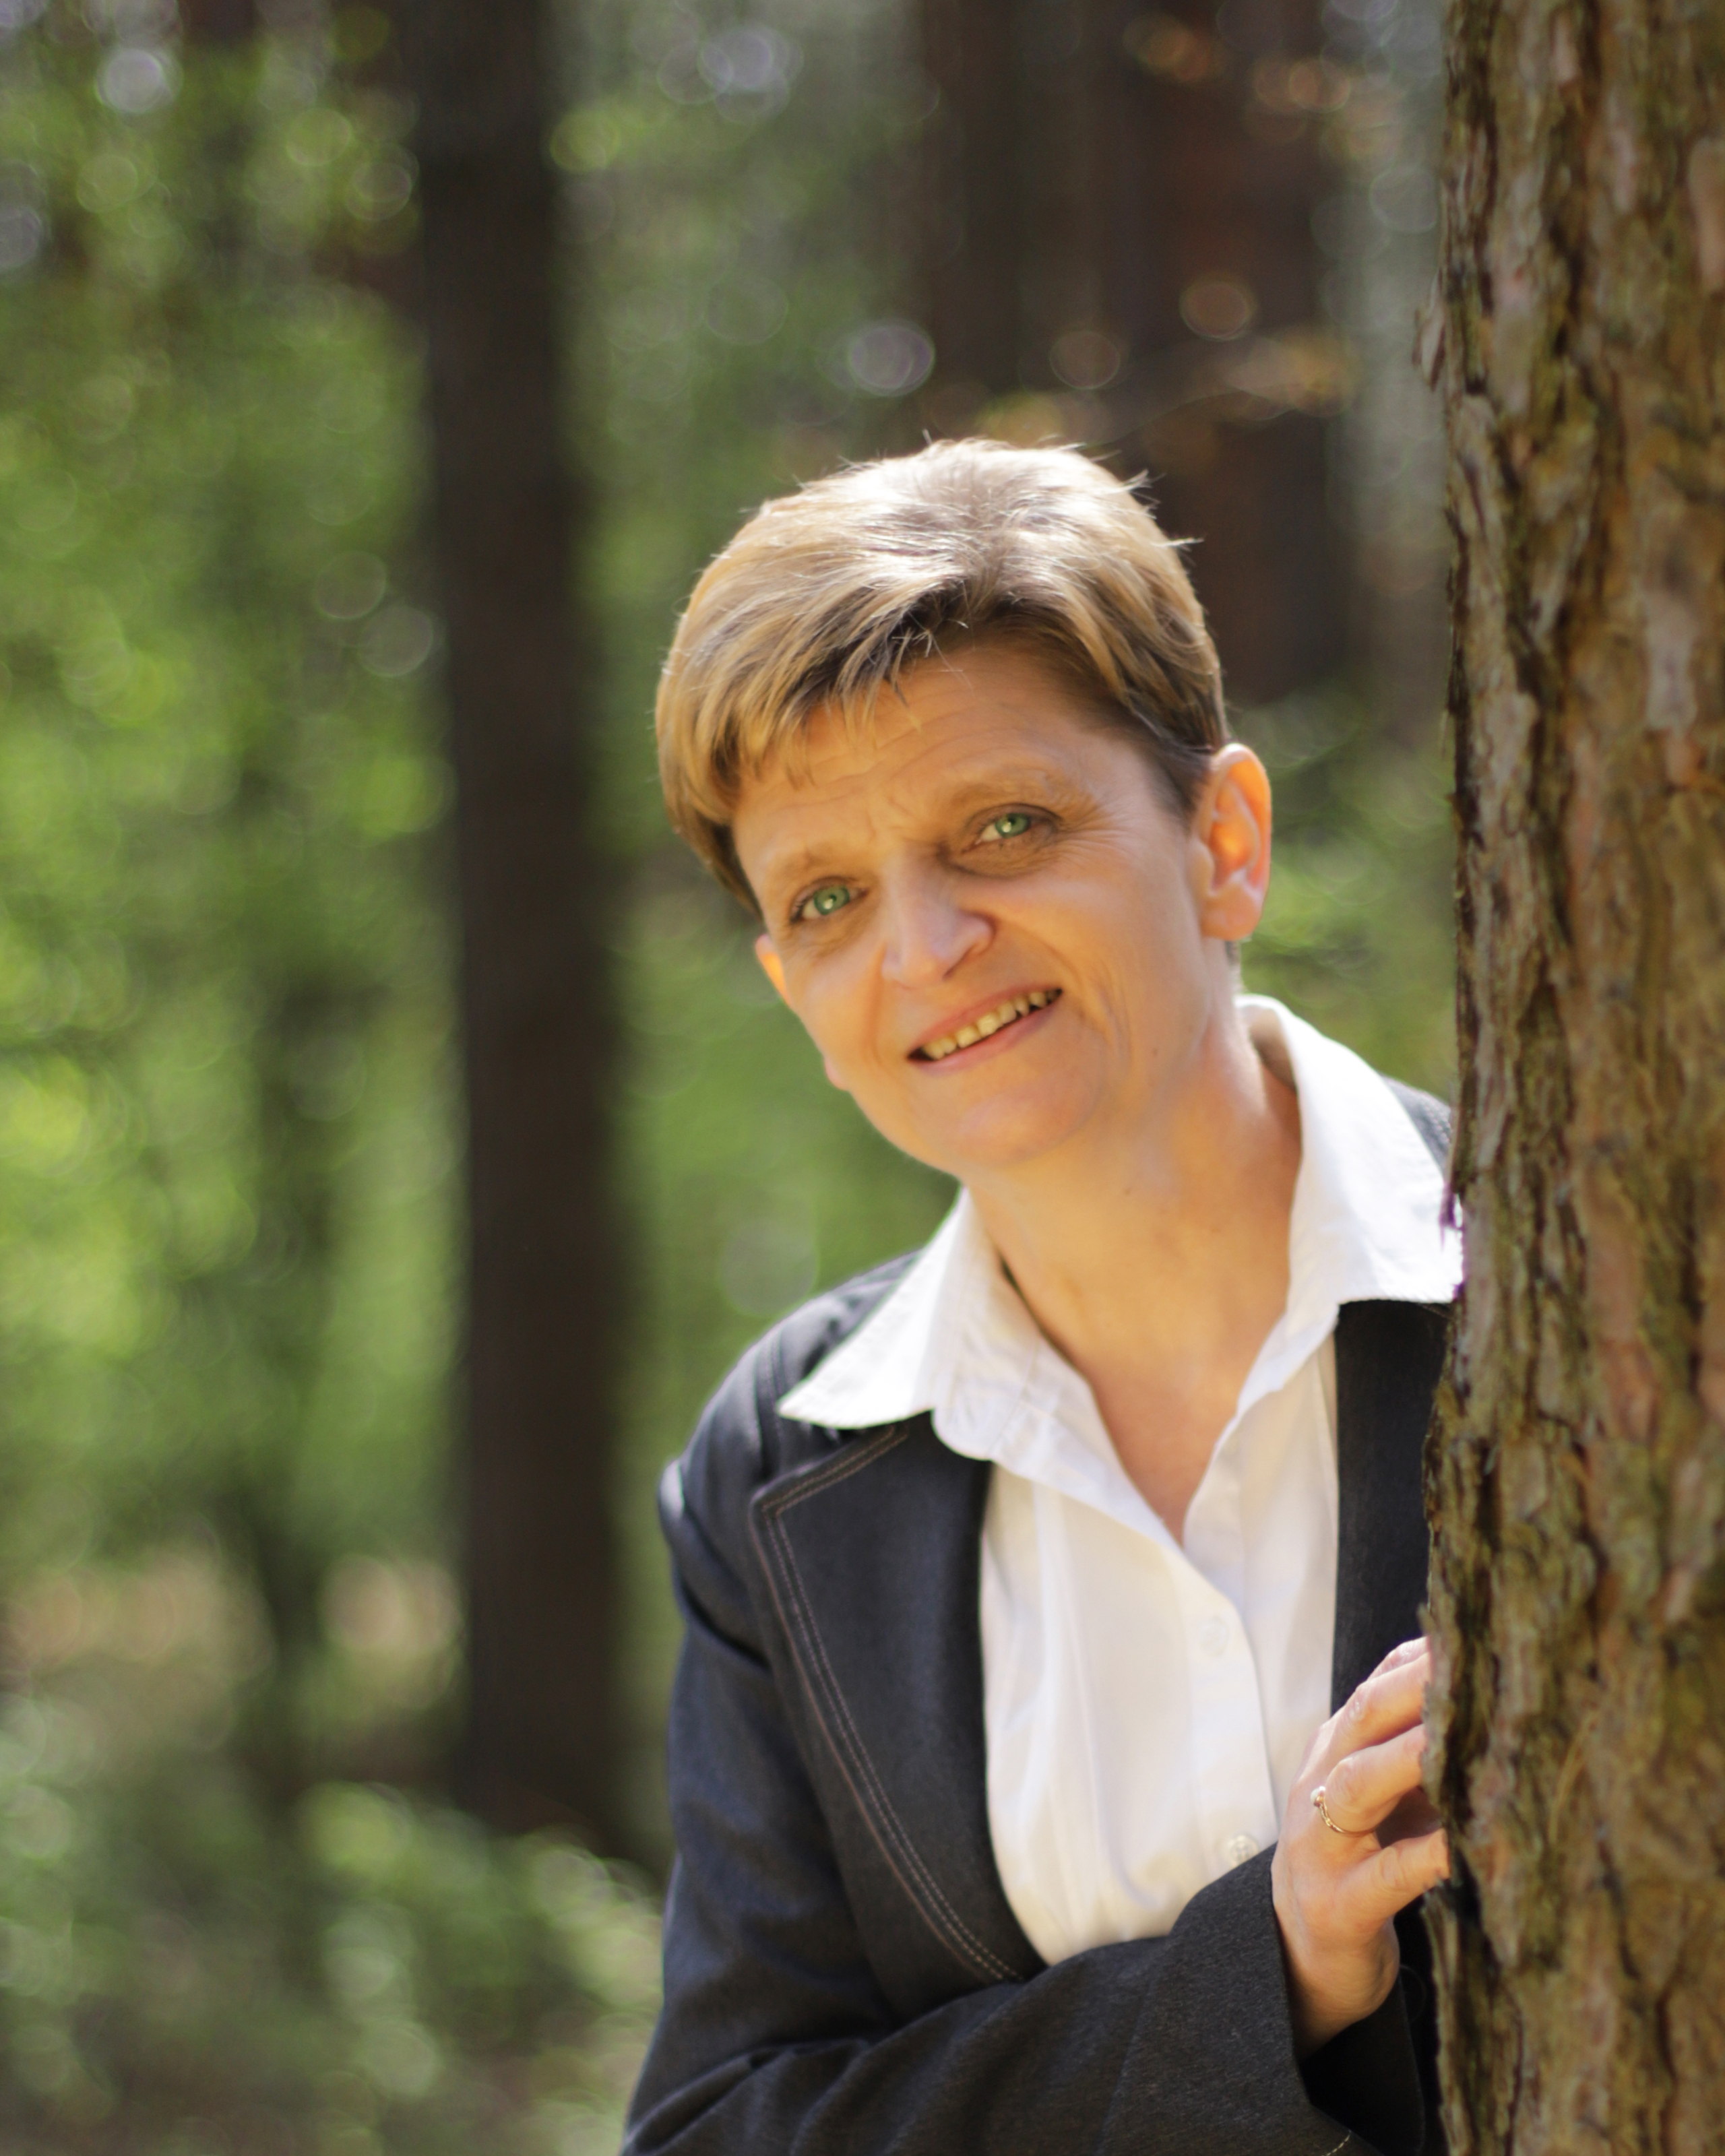 Małgorzata-Łaskarzew-Klientka-Łaskarzew-Natural-Pharmaceuticals-Opinia